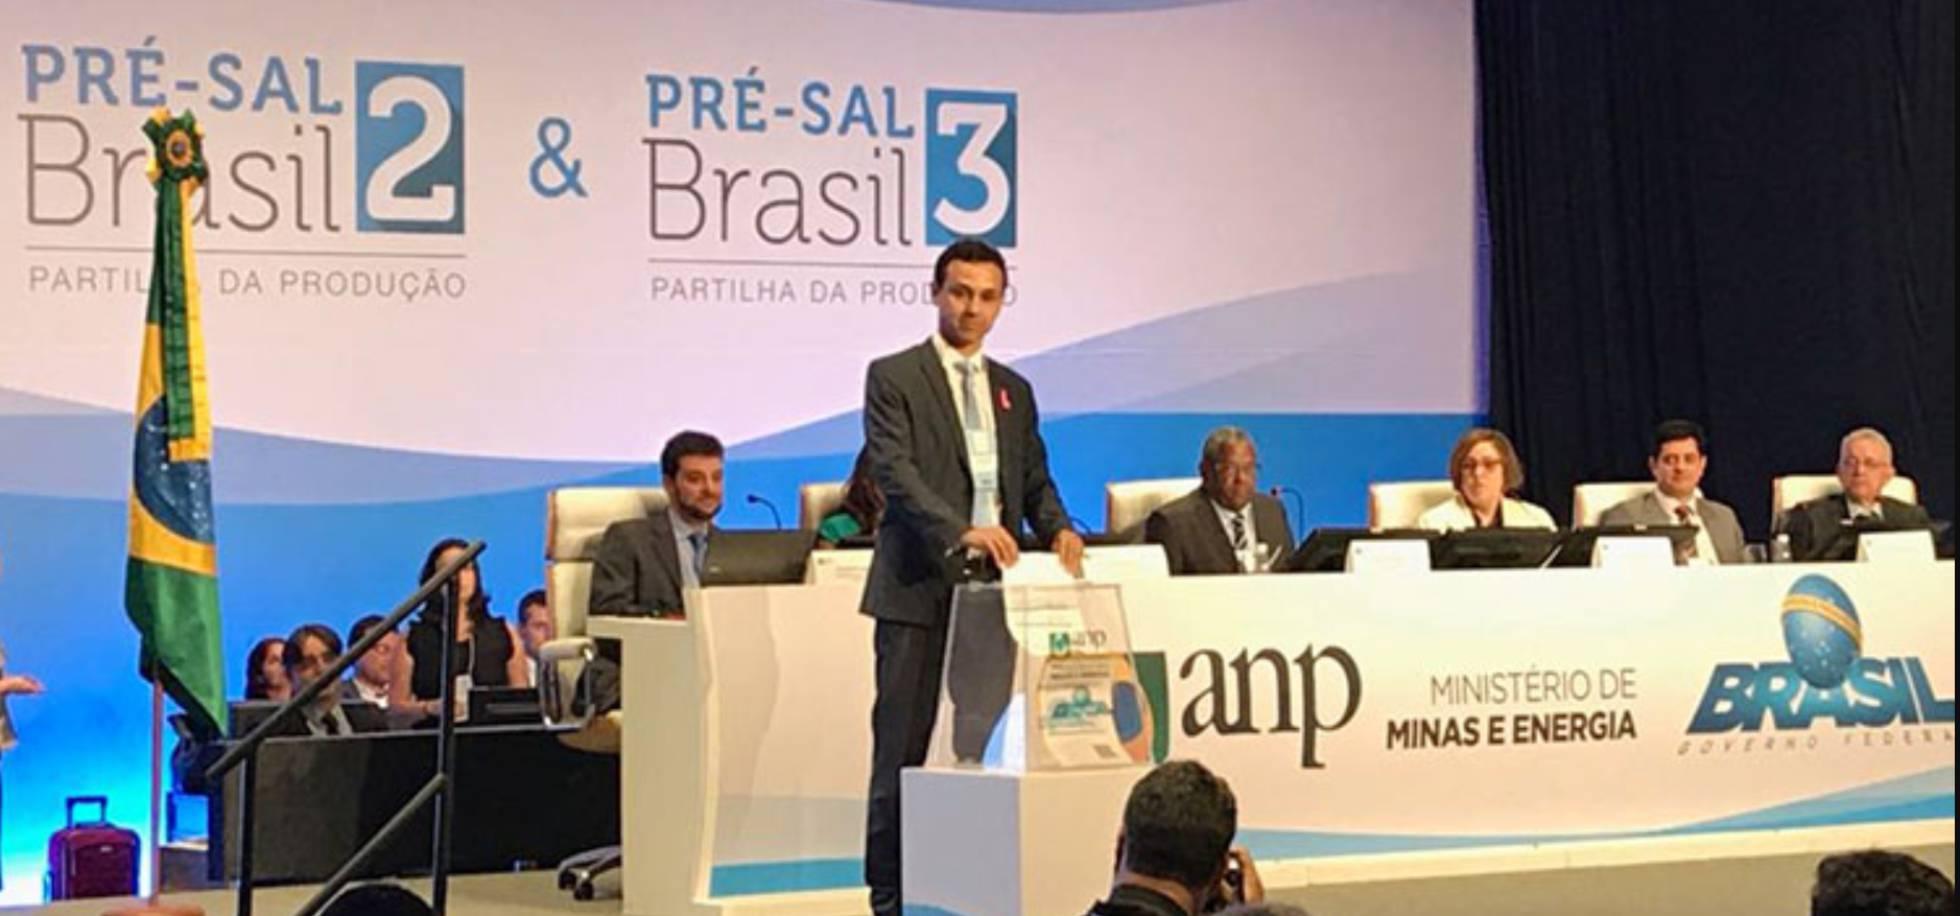 Brasil – Petrobras na era Temer: estrangeiras avançam na nova divisão do poder do pré-sal